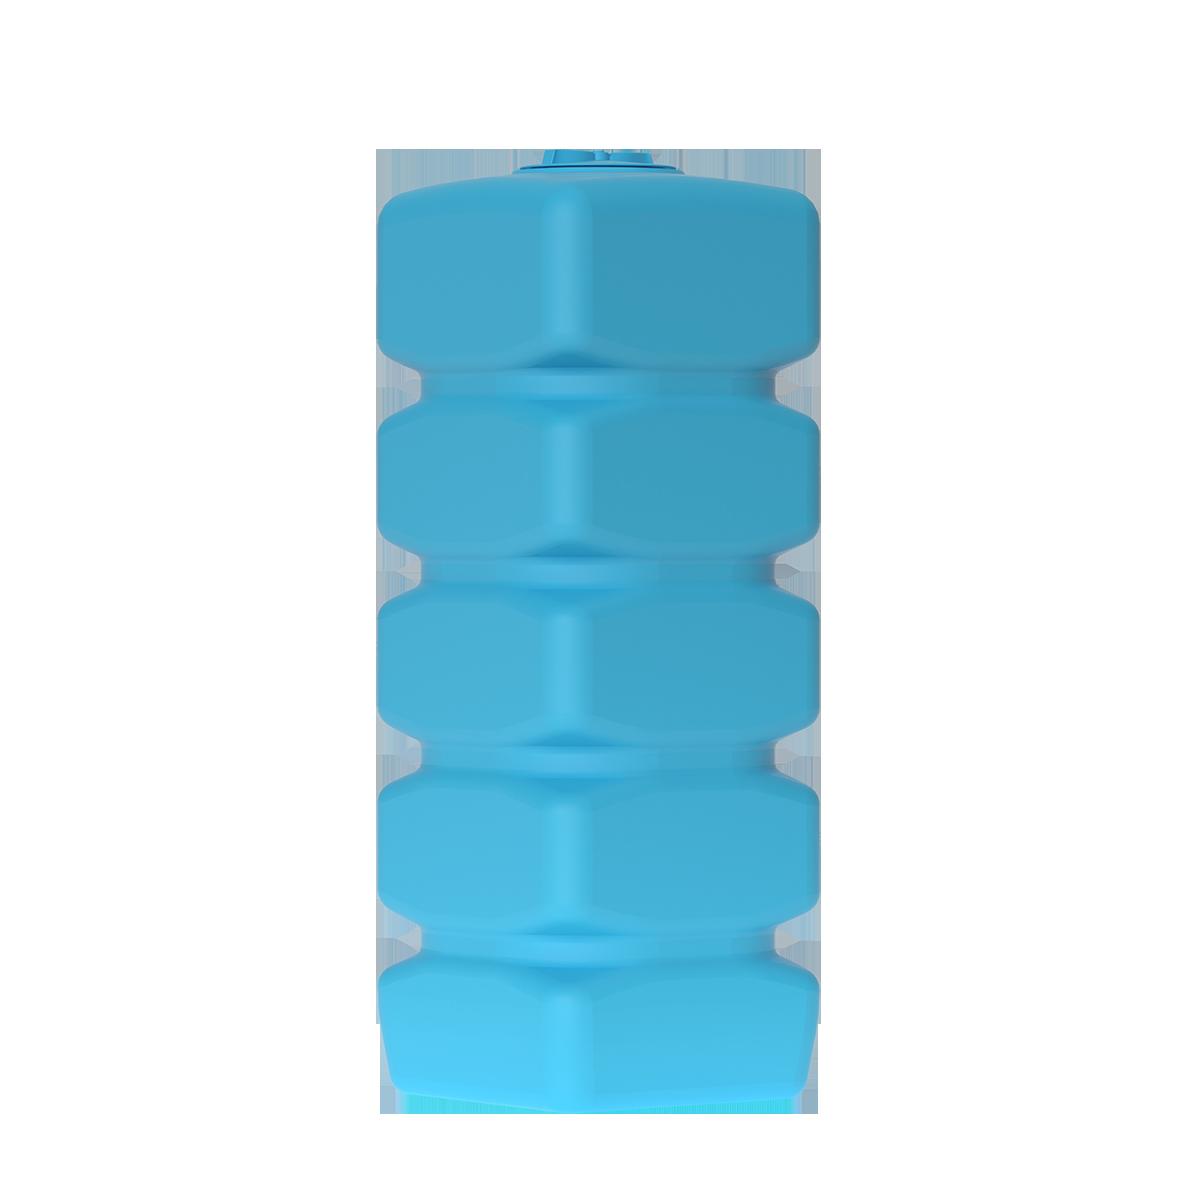 Бак для воды прямоугольный синий Quadro W с поплавком